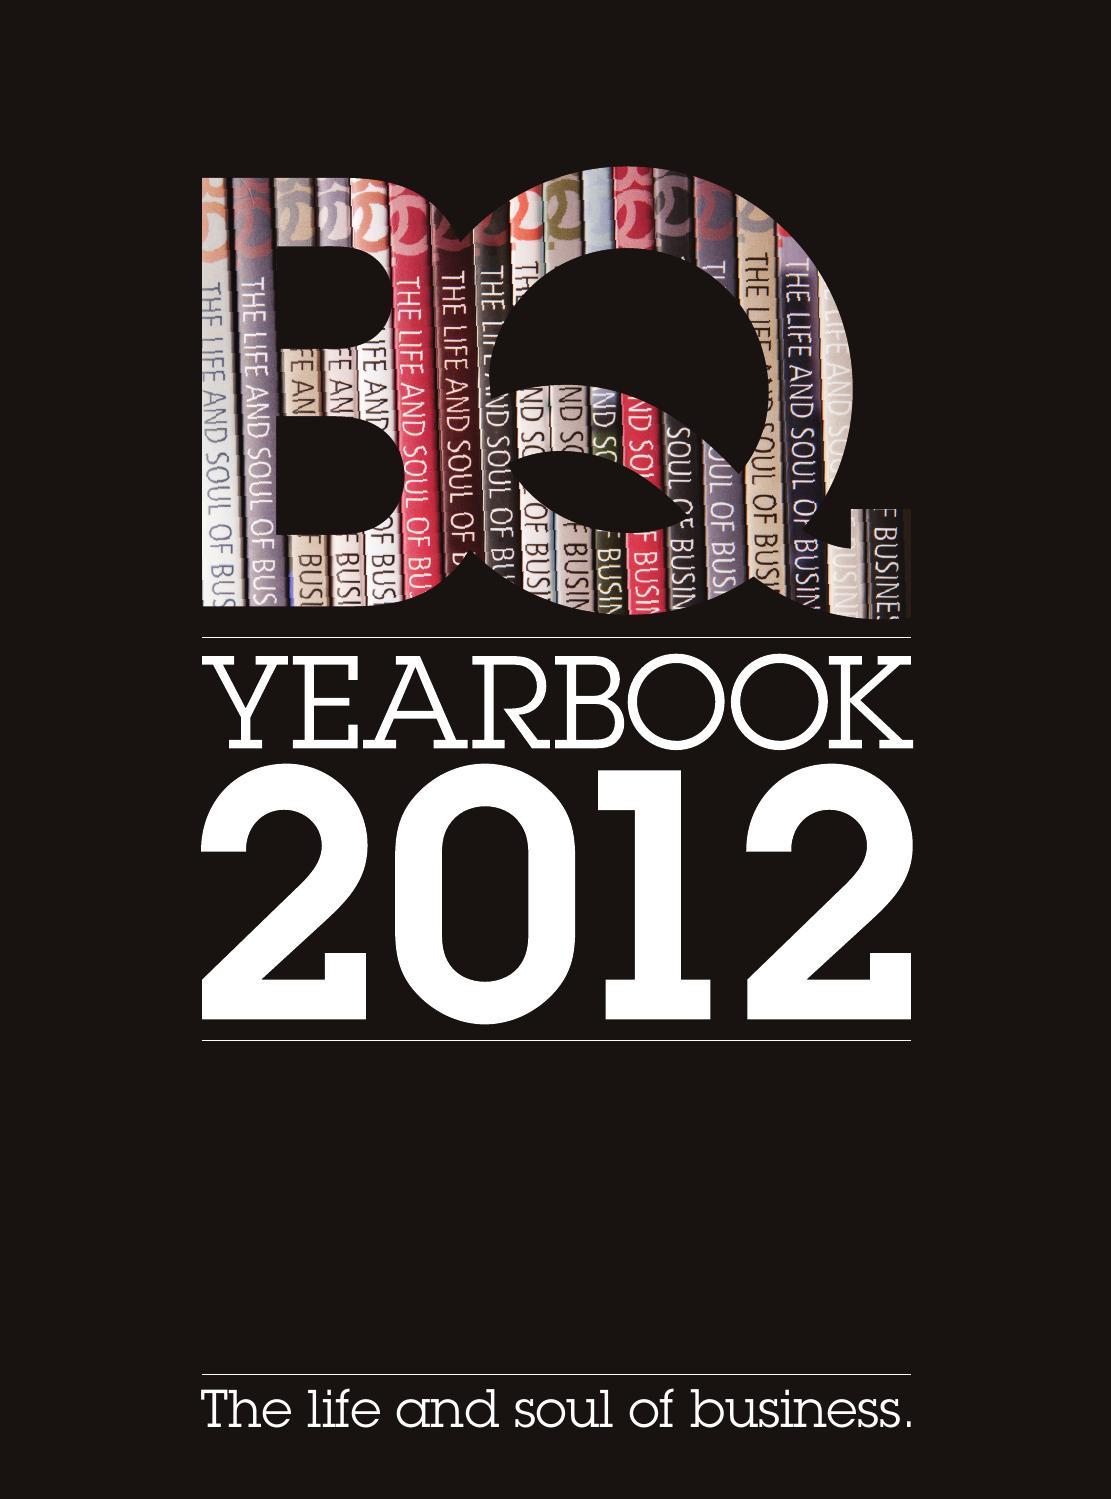 Bq North East Yearbook 2012 By Magazine Issuu Sodexo Gift Pass 25000